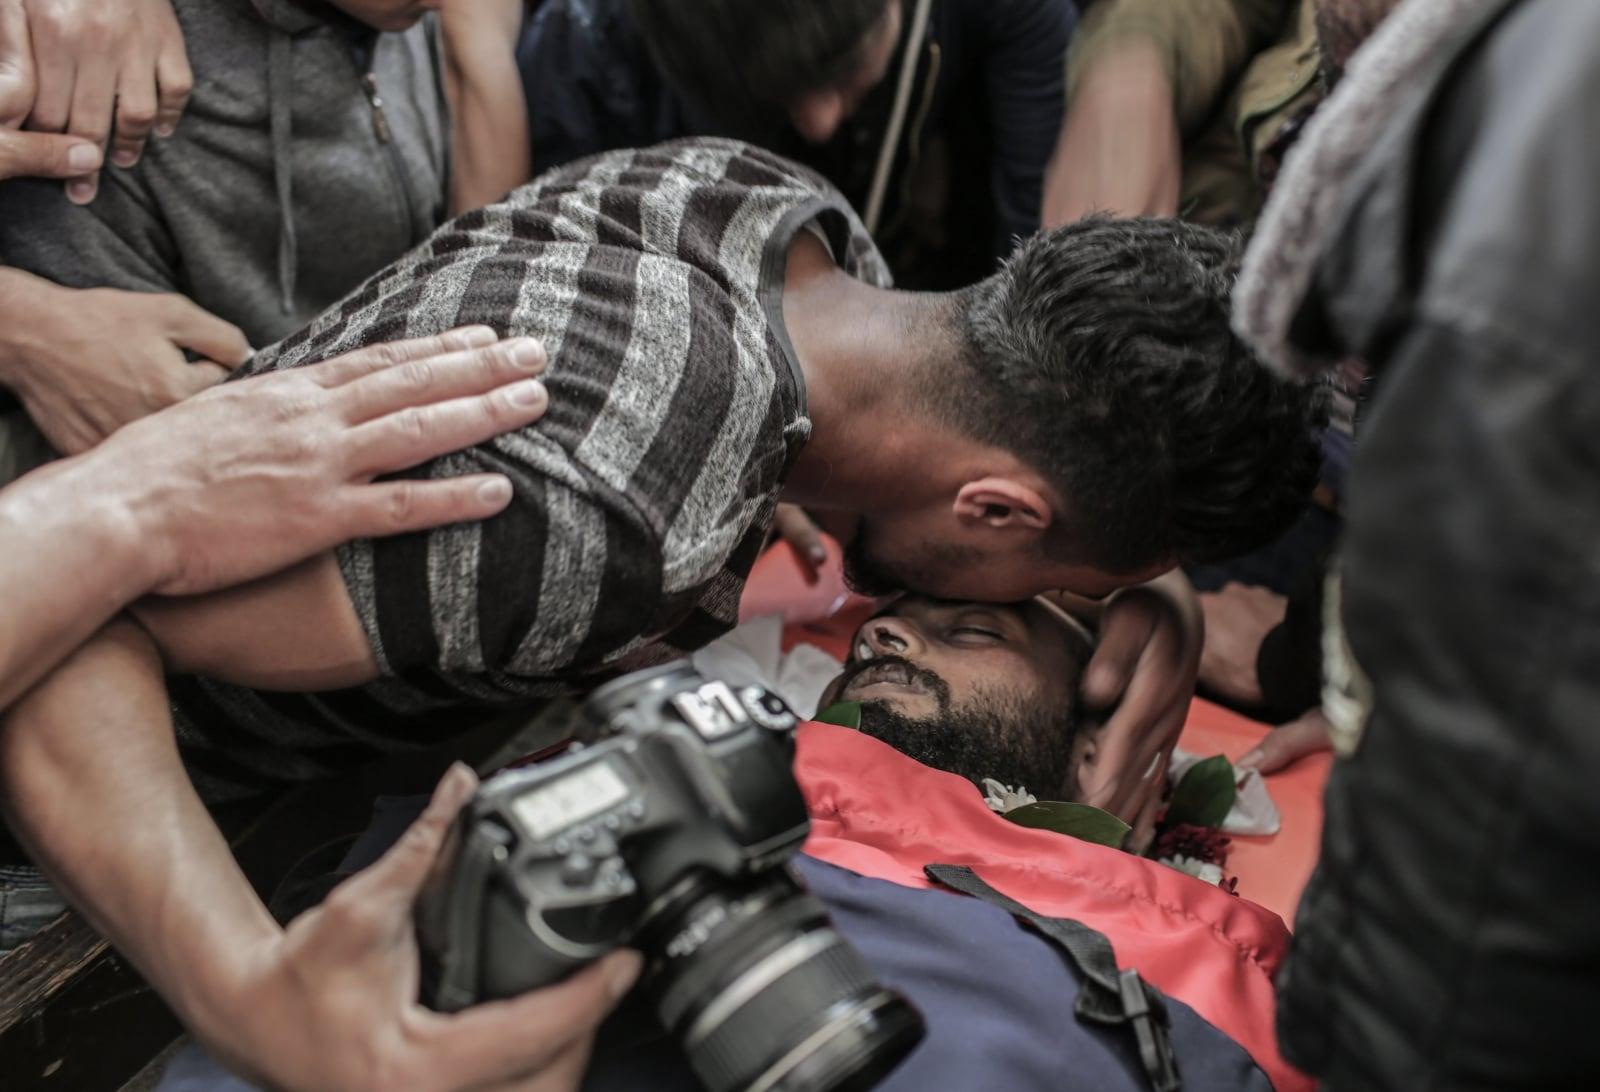 Pogrzeb palestyńskiego dziennikarza Ahmada Abu Hussein at Jabaliy fot. EPA/MOHAMMED SABER